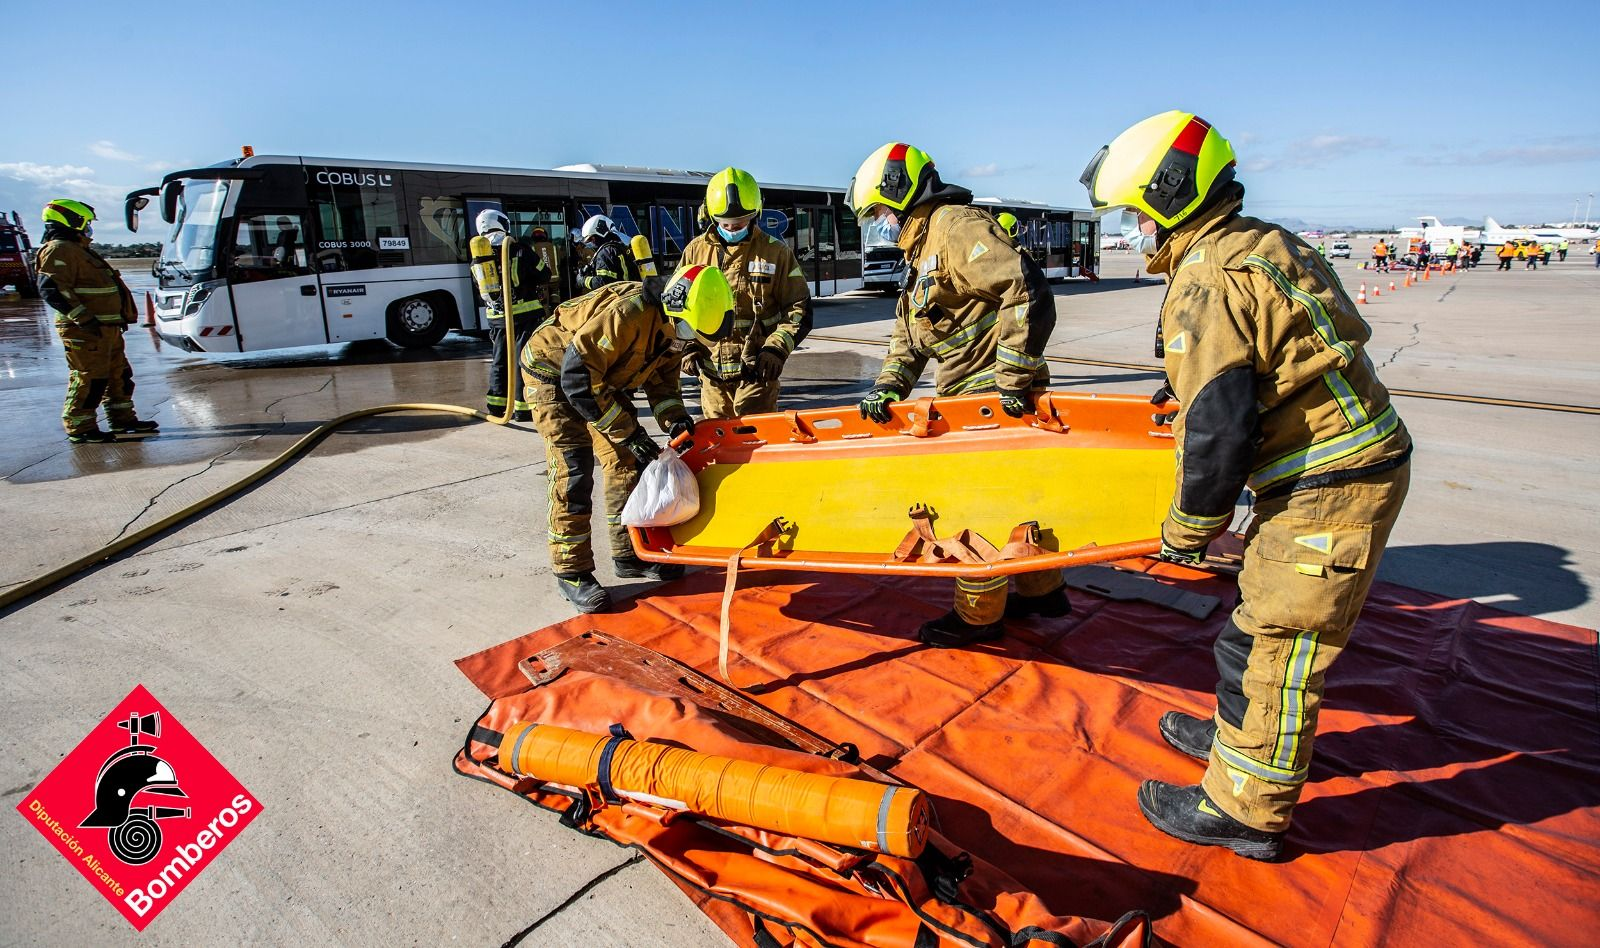 Simulacro de accidente aéreo en el aeropuerto de Alicante-Elche